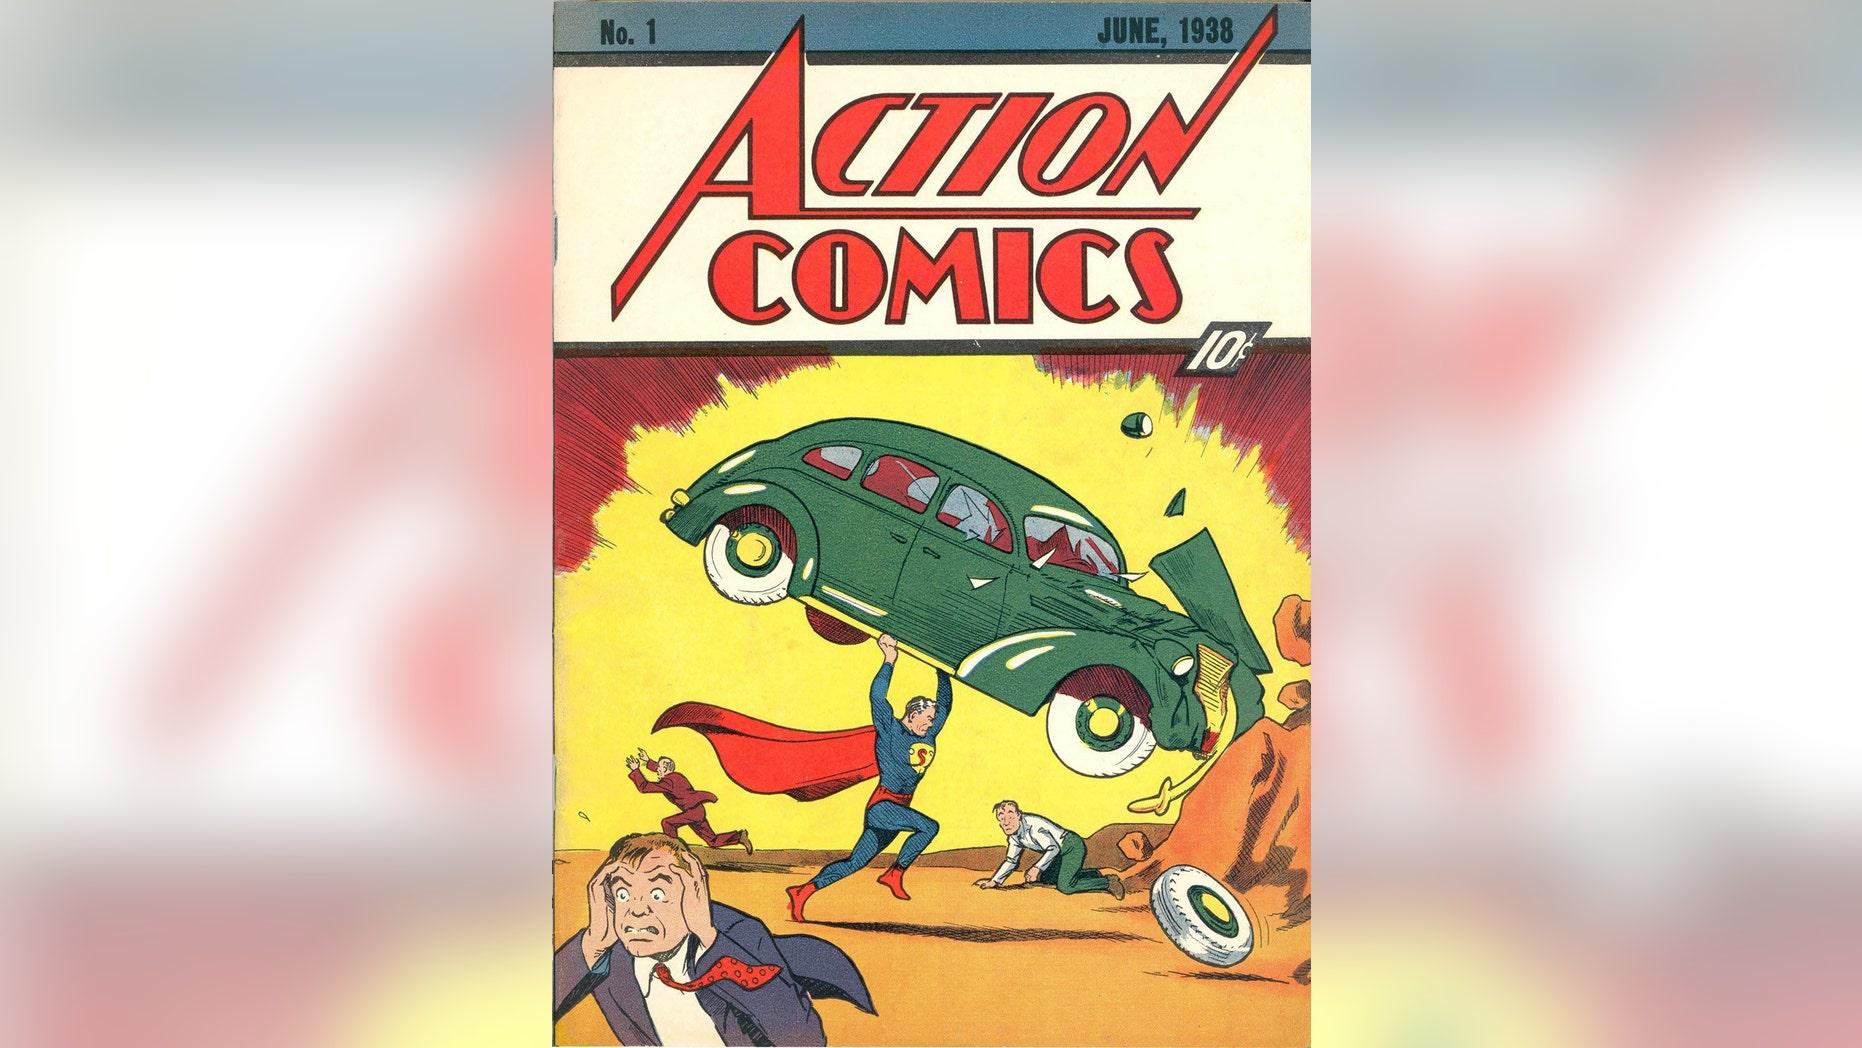 Superman debuts in Action Comics No. 1 in June 1938.